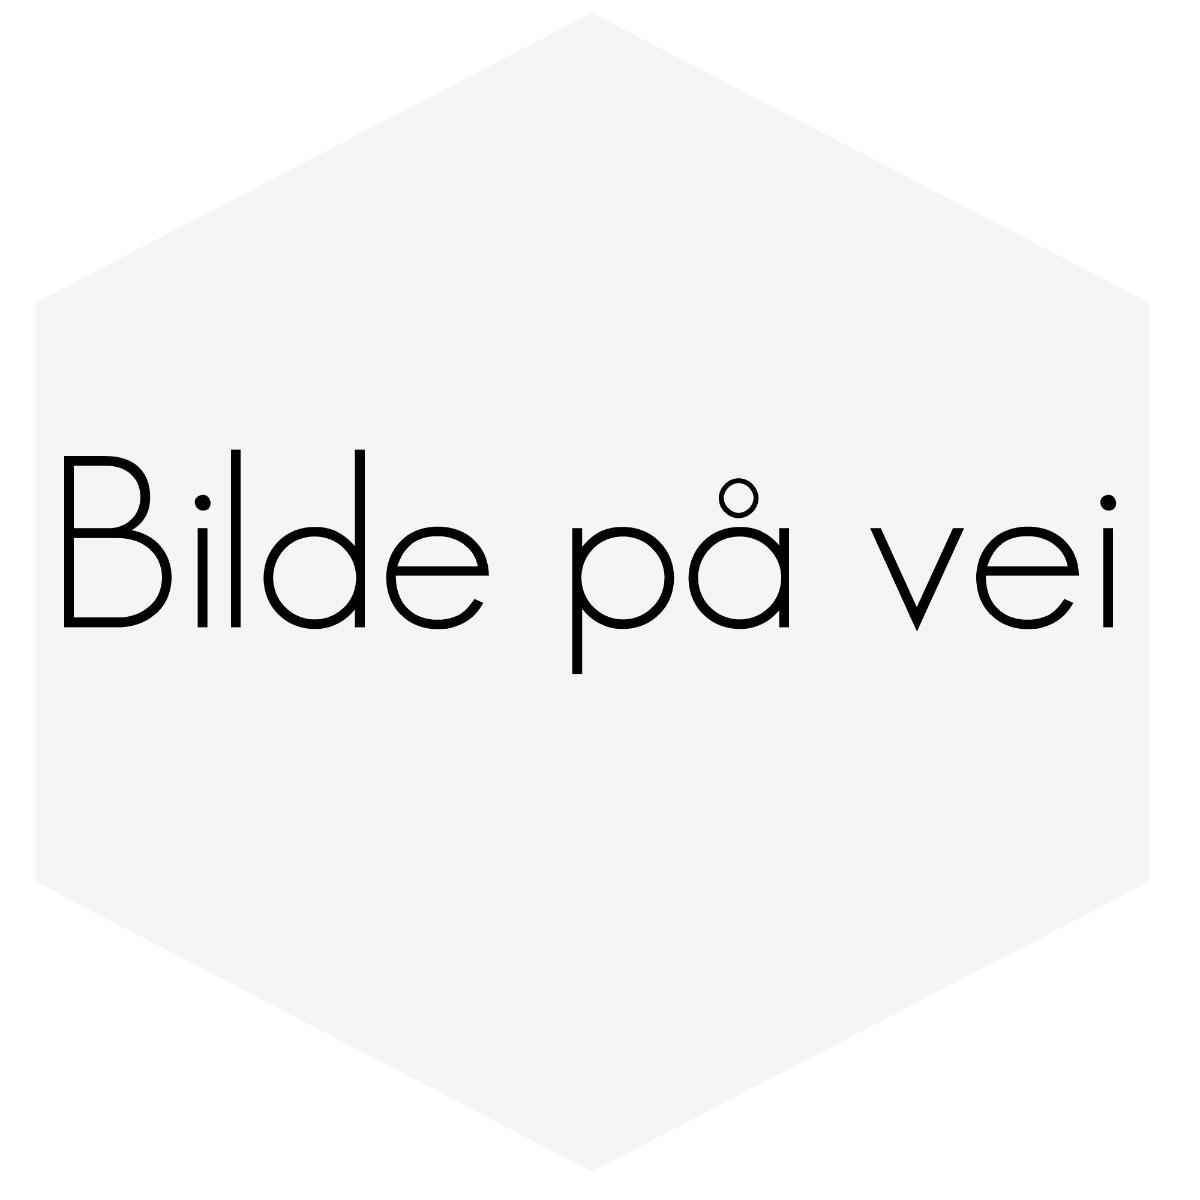 SKVETTLAPPER BAK TIL VOLVO XC90 SE INFO